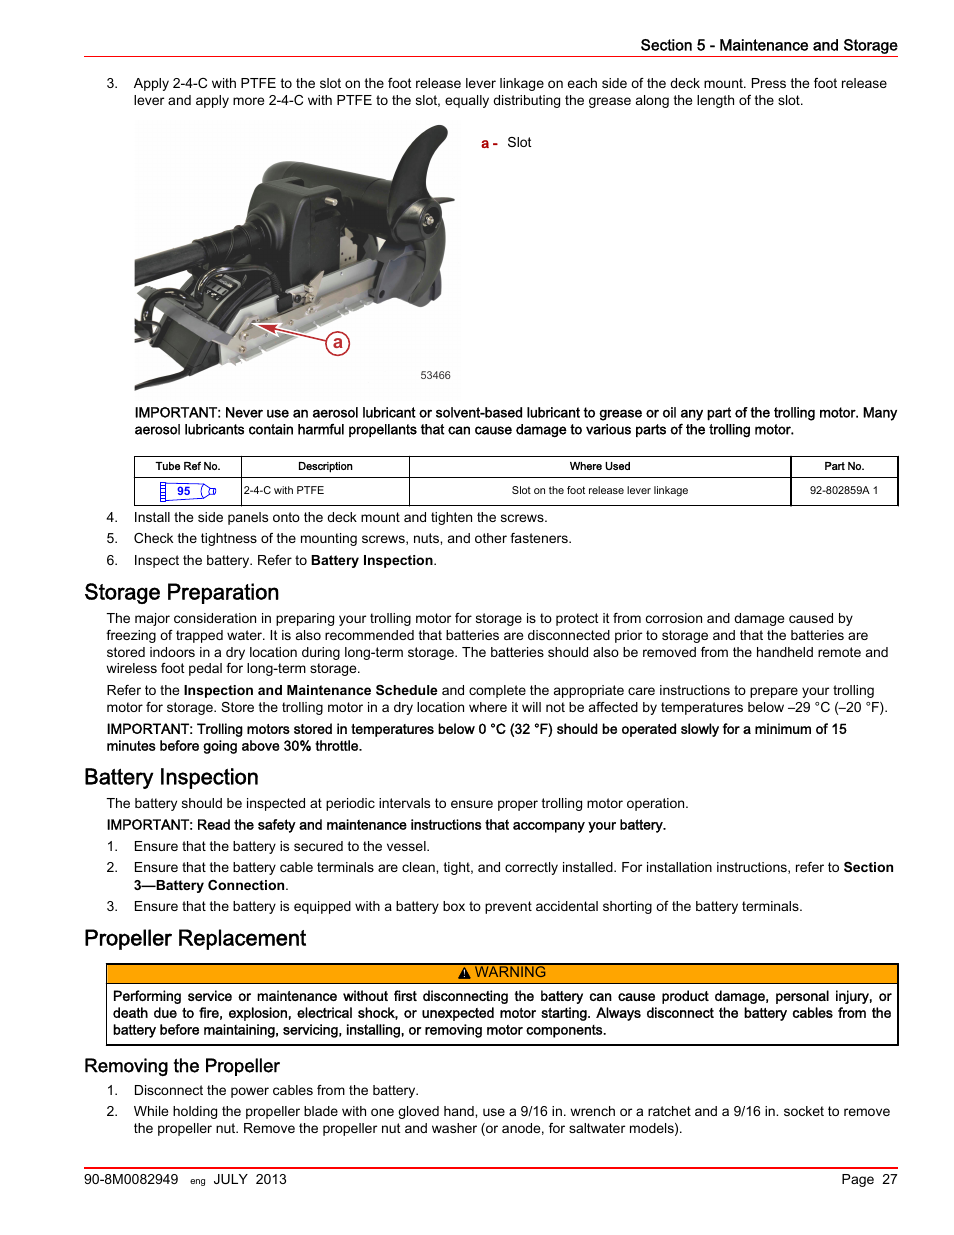 Motorguide Trolling Motor Repair Manual